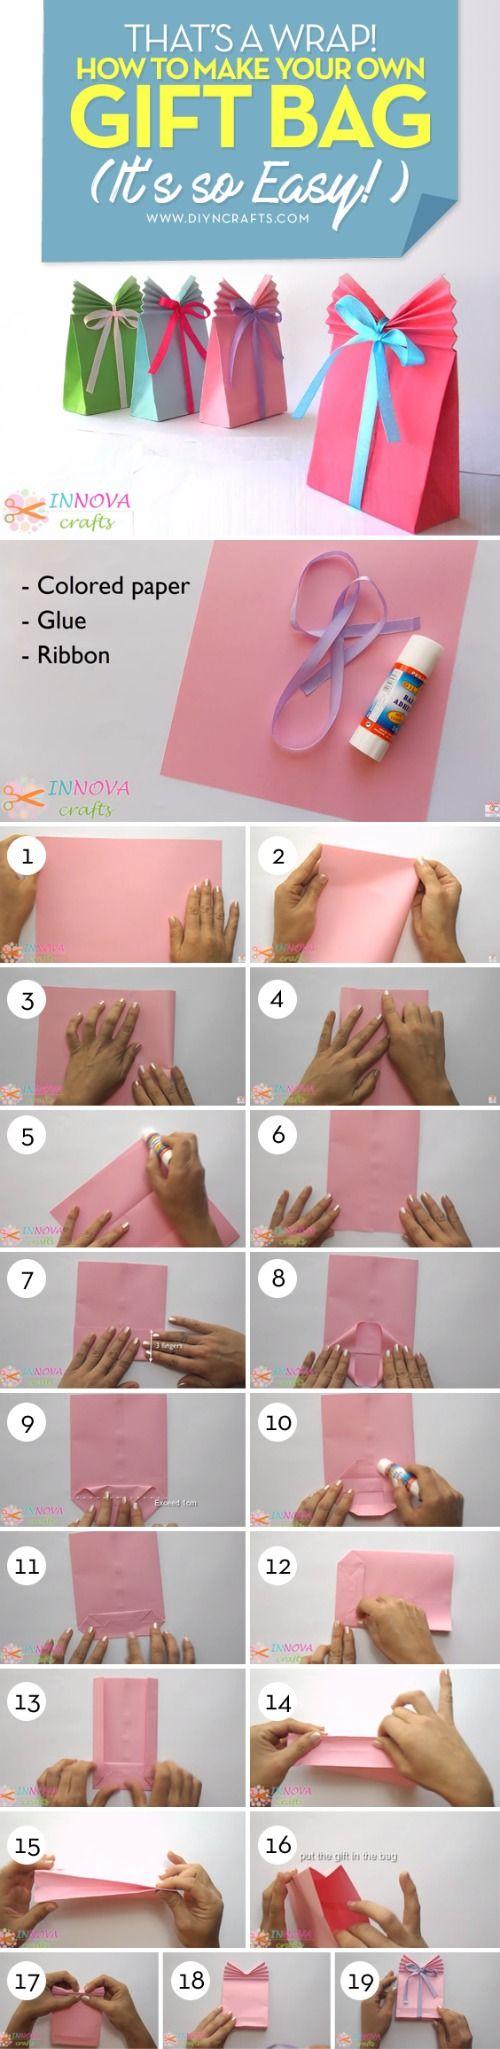 Photo of Das ist ein Wrap! Wie man seine eigene Geschenktüte macht (es ist so einfach!)